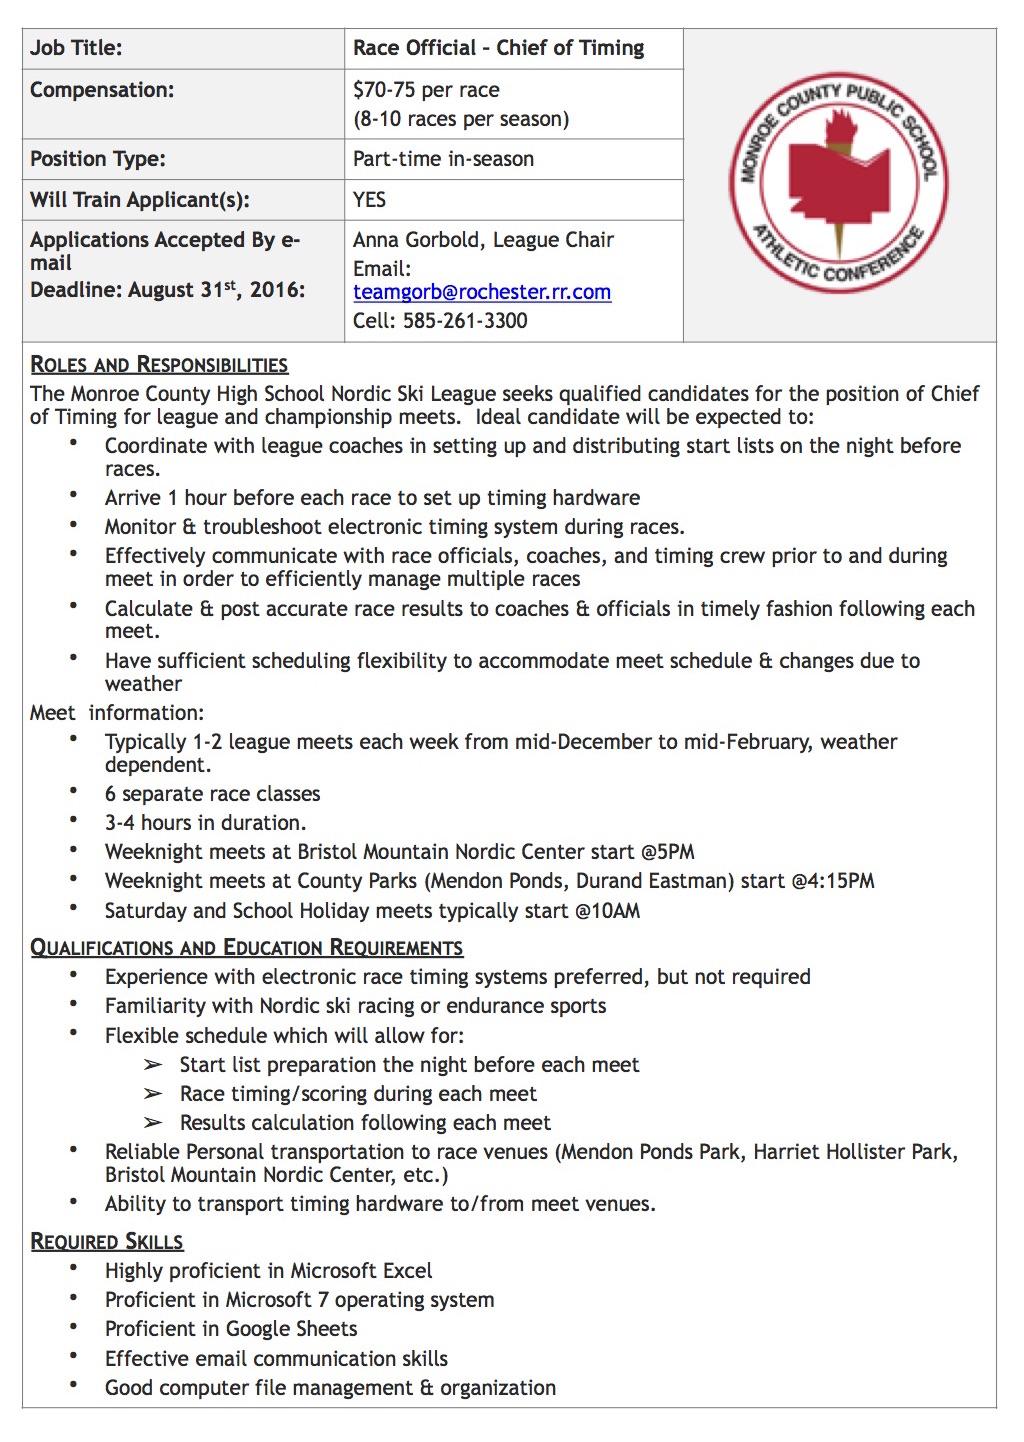 Chief of timing job description_edit BL